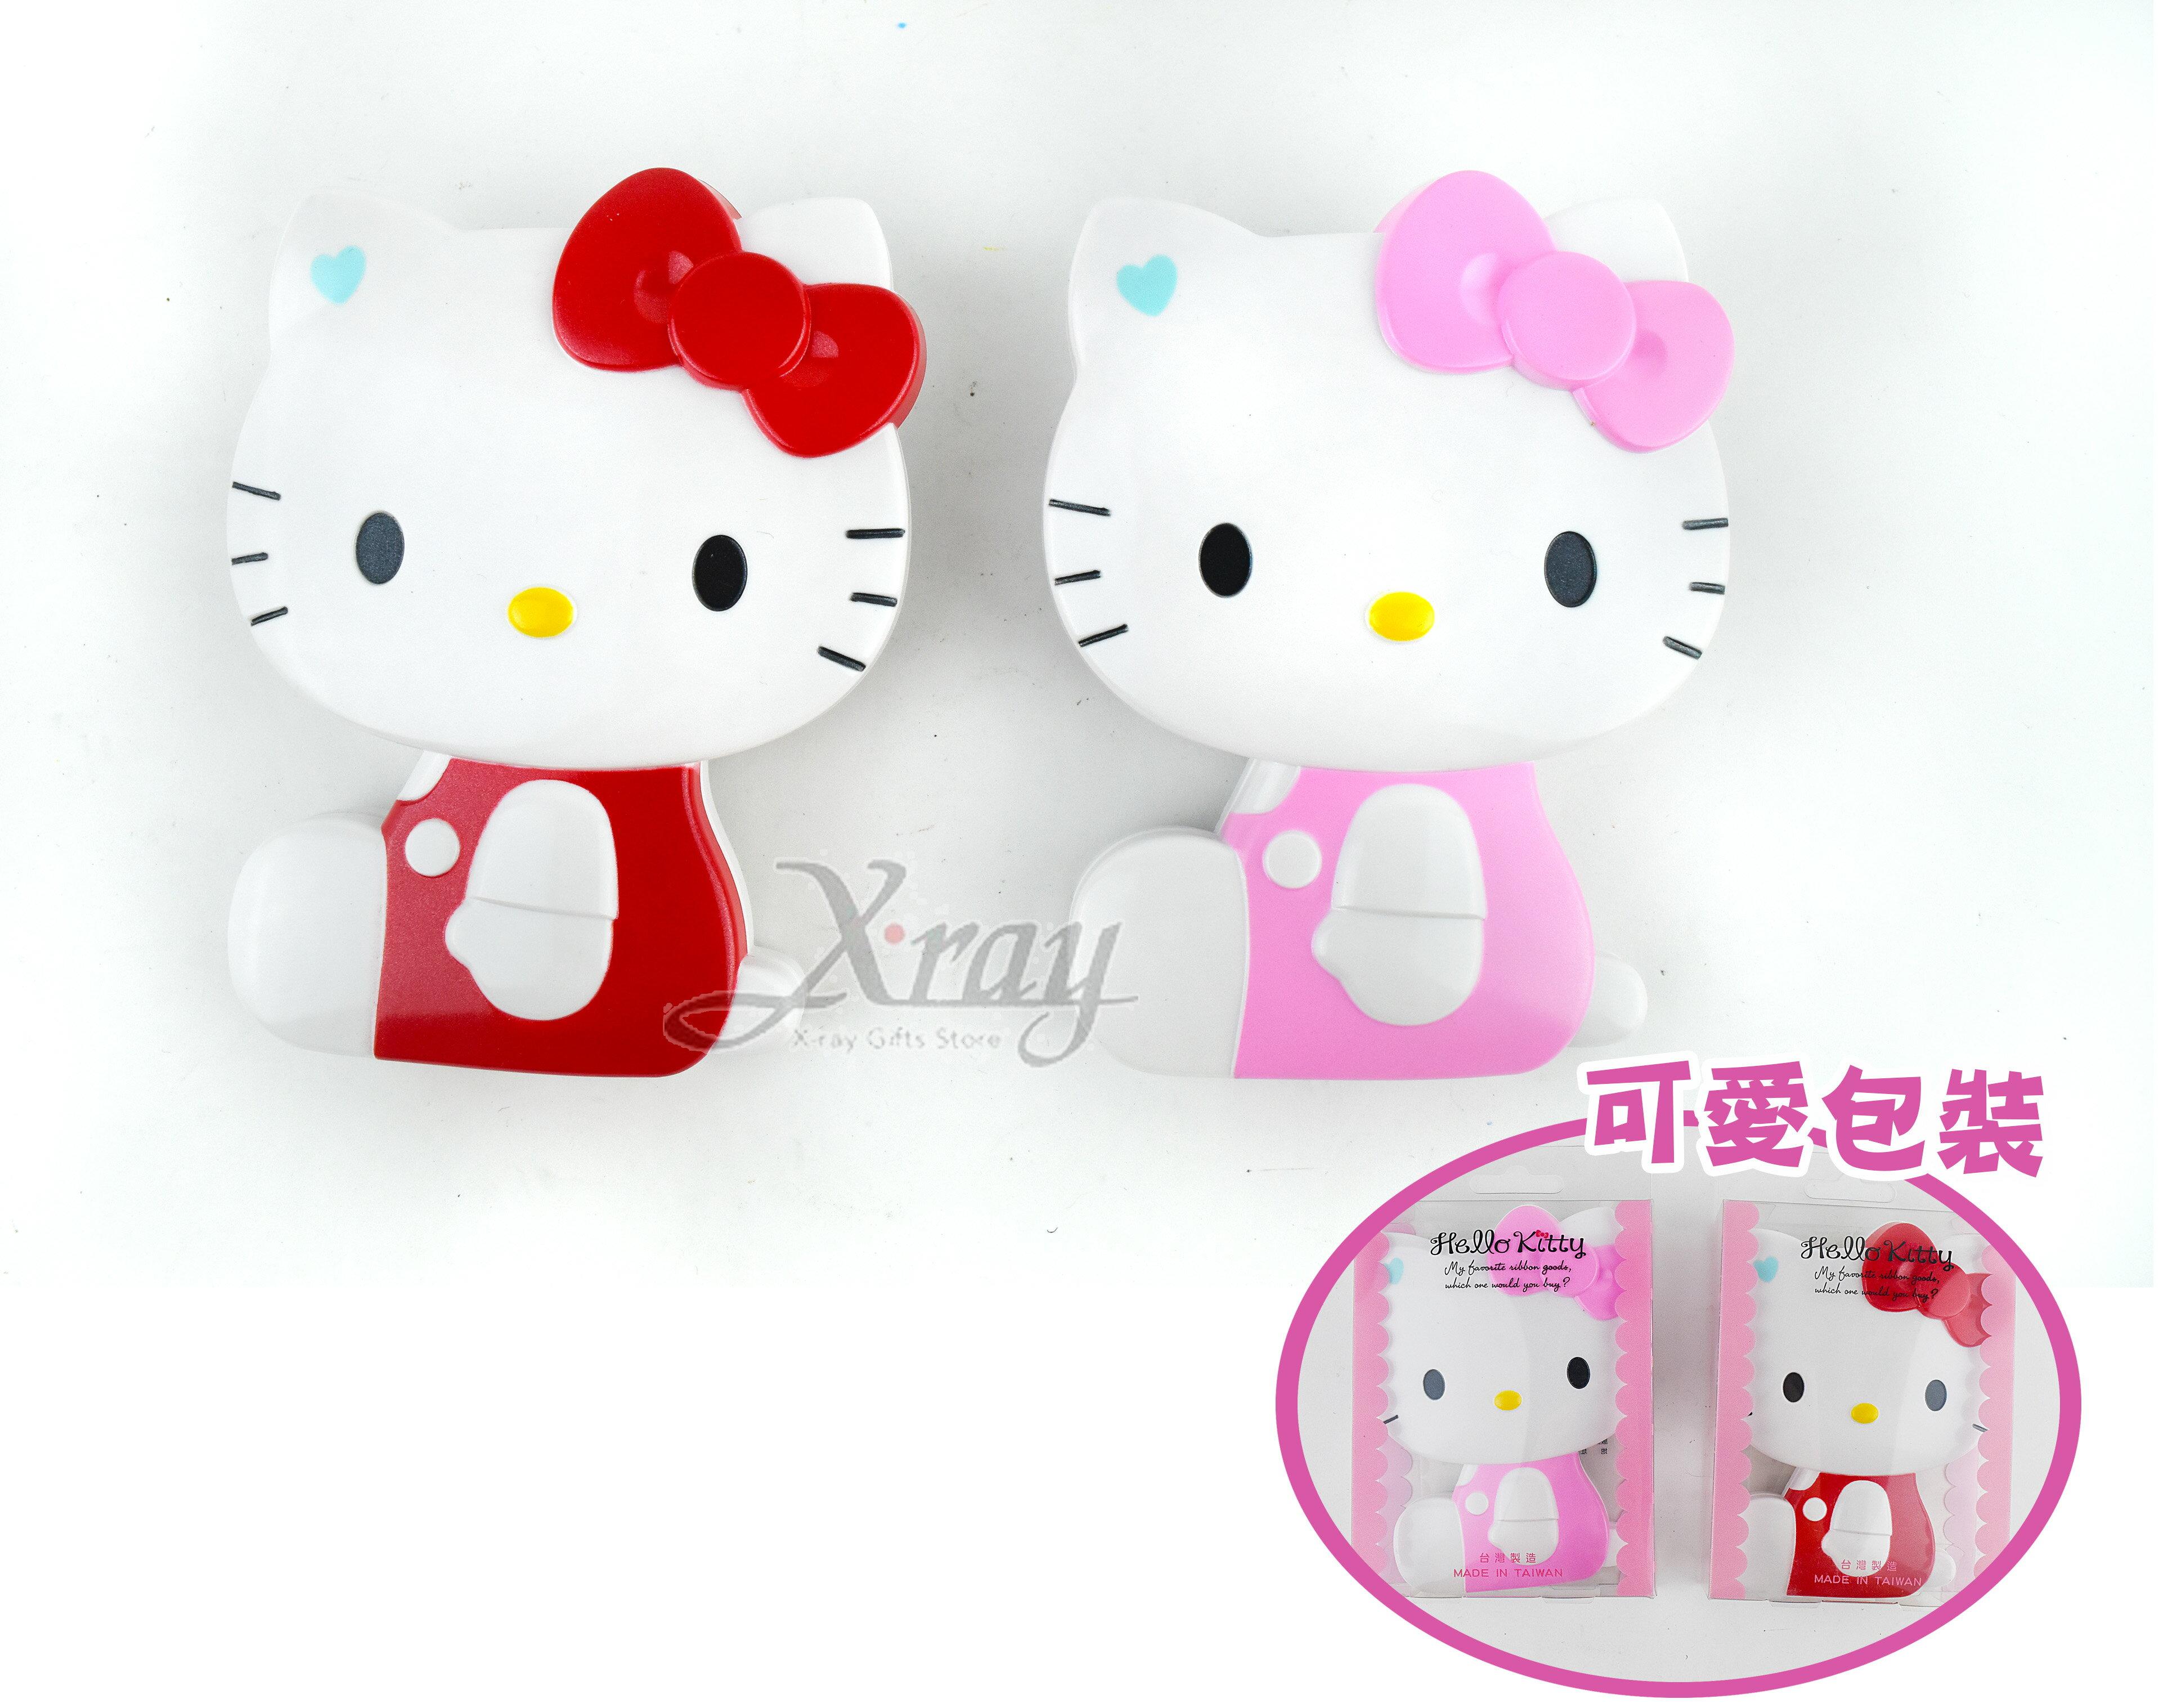 X射線【C27410A】Hello Kitty 鏡梳組-坐姿,鏡子/健康按摩梳/氣囊梳子/氣墊梳子/隨身鏡/方鏡/立鏡/化妝鏡/摺疊鏡/摺疊梳